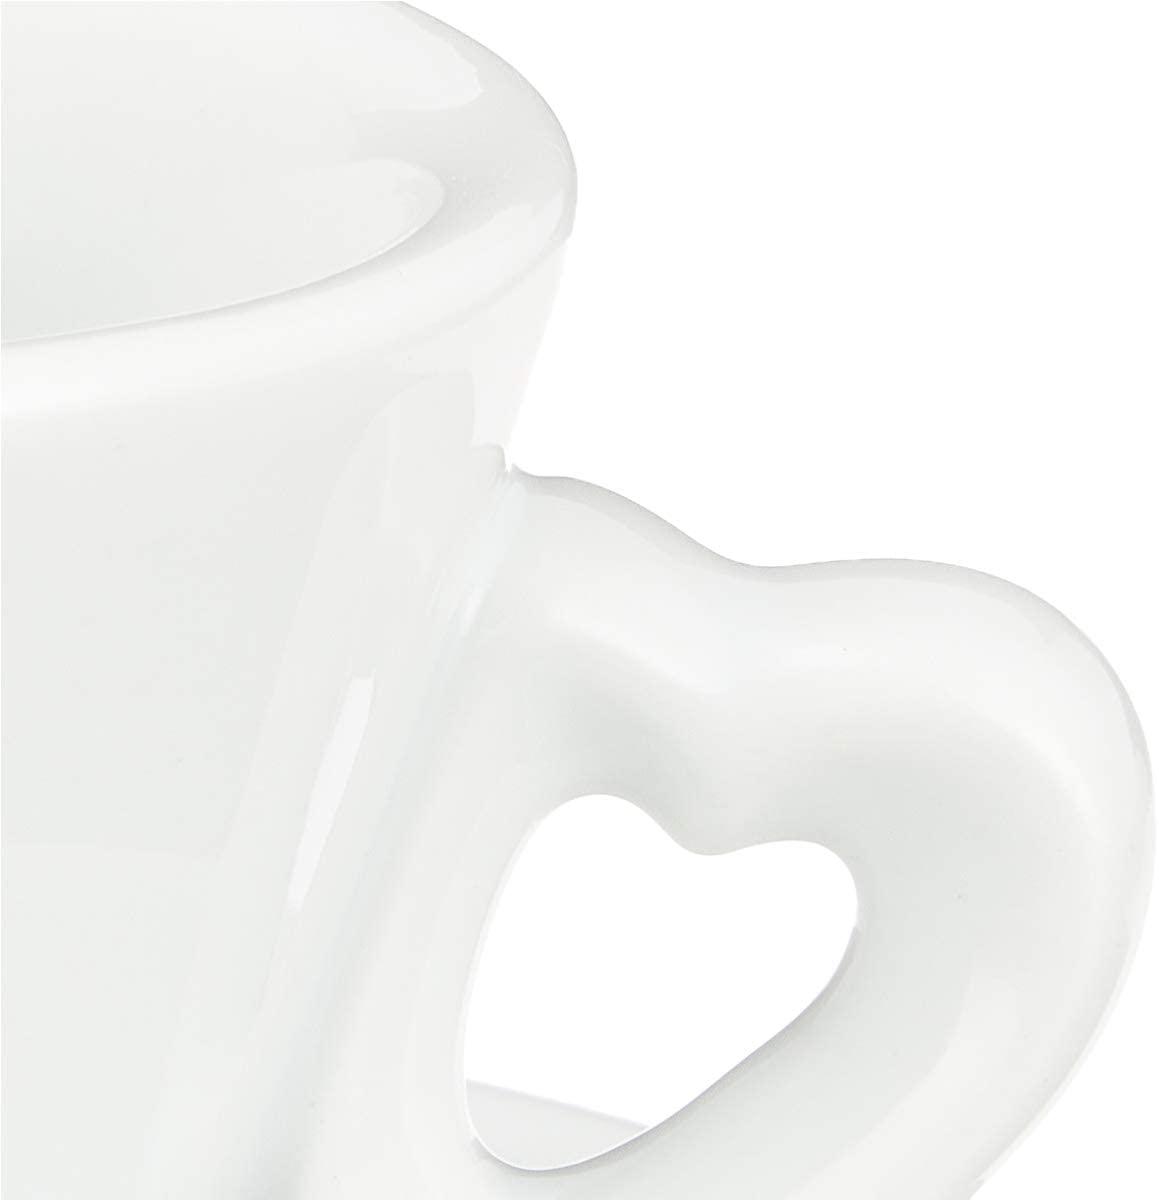 Nuova Point(ヌォーバポイント) エスプレッソカップ クォーレ NP02CUの商品画像5